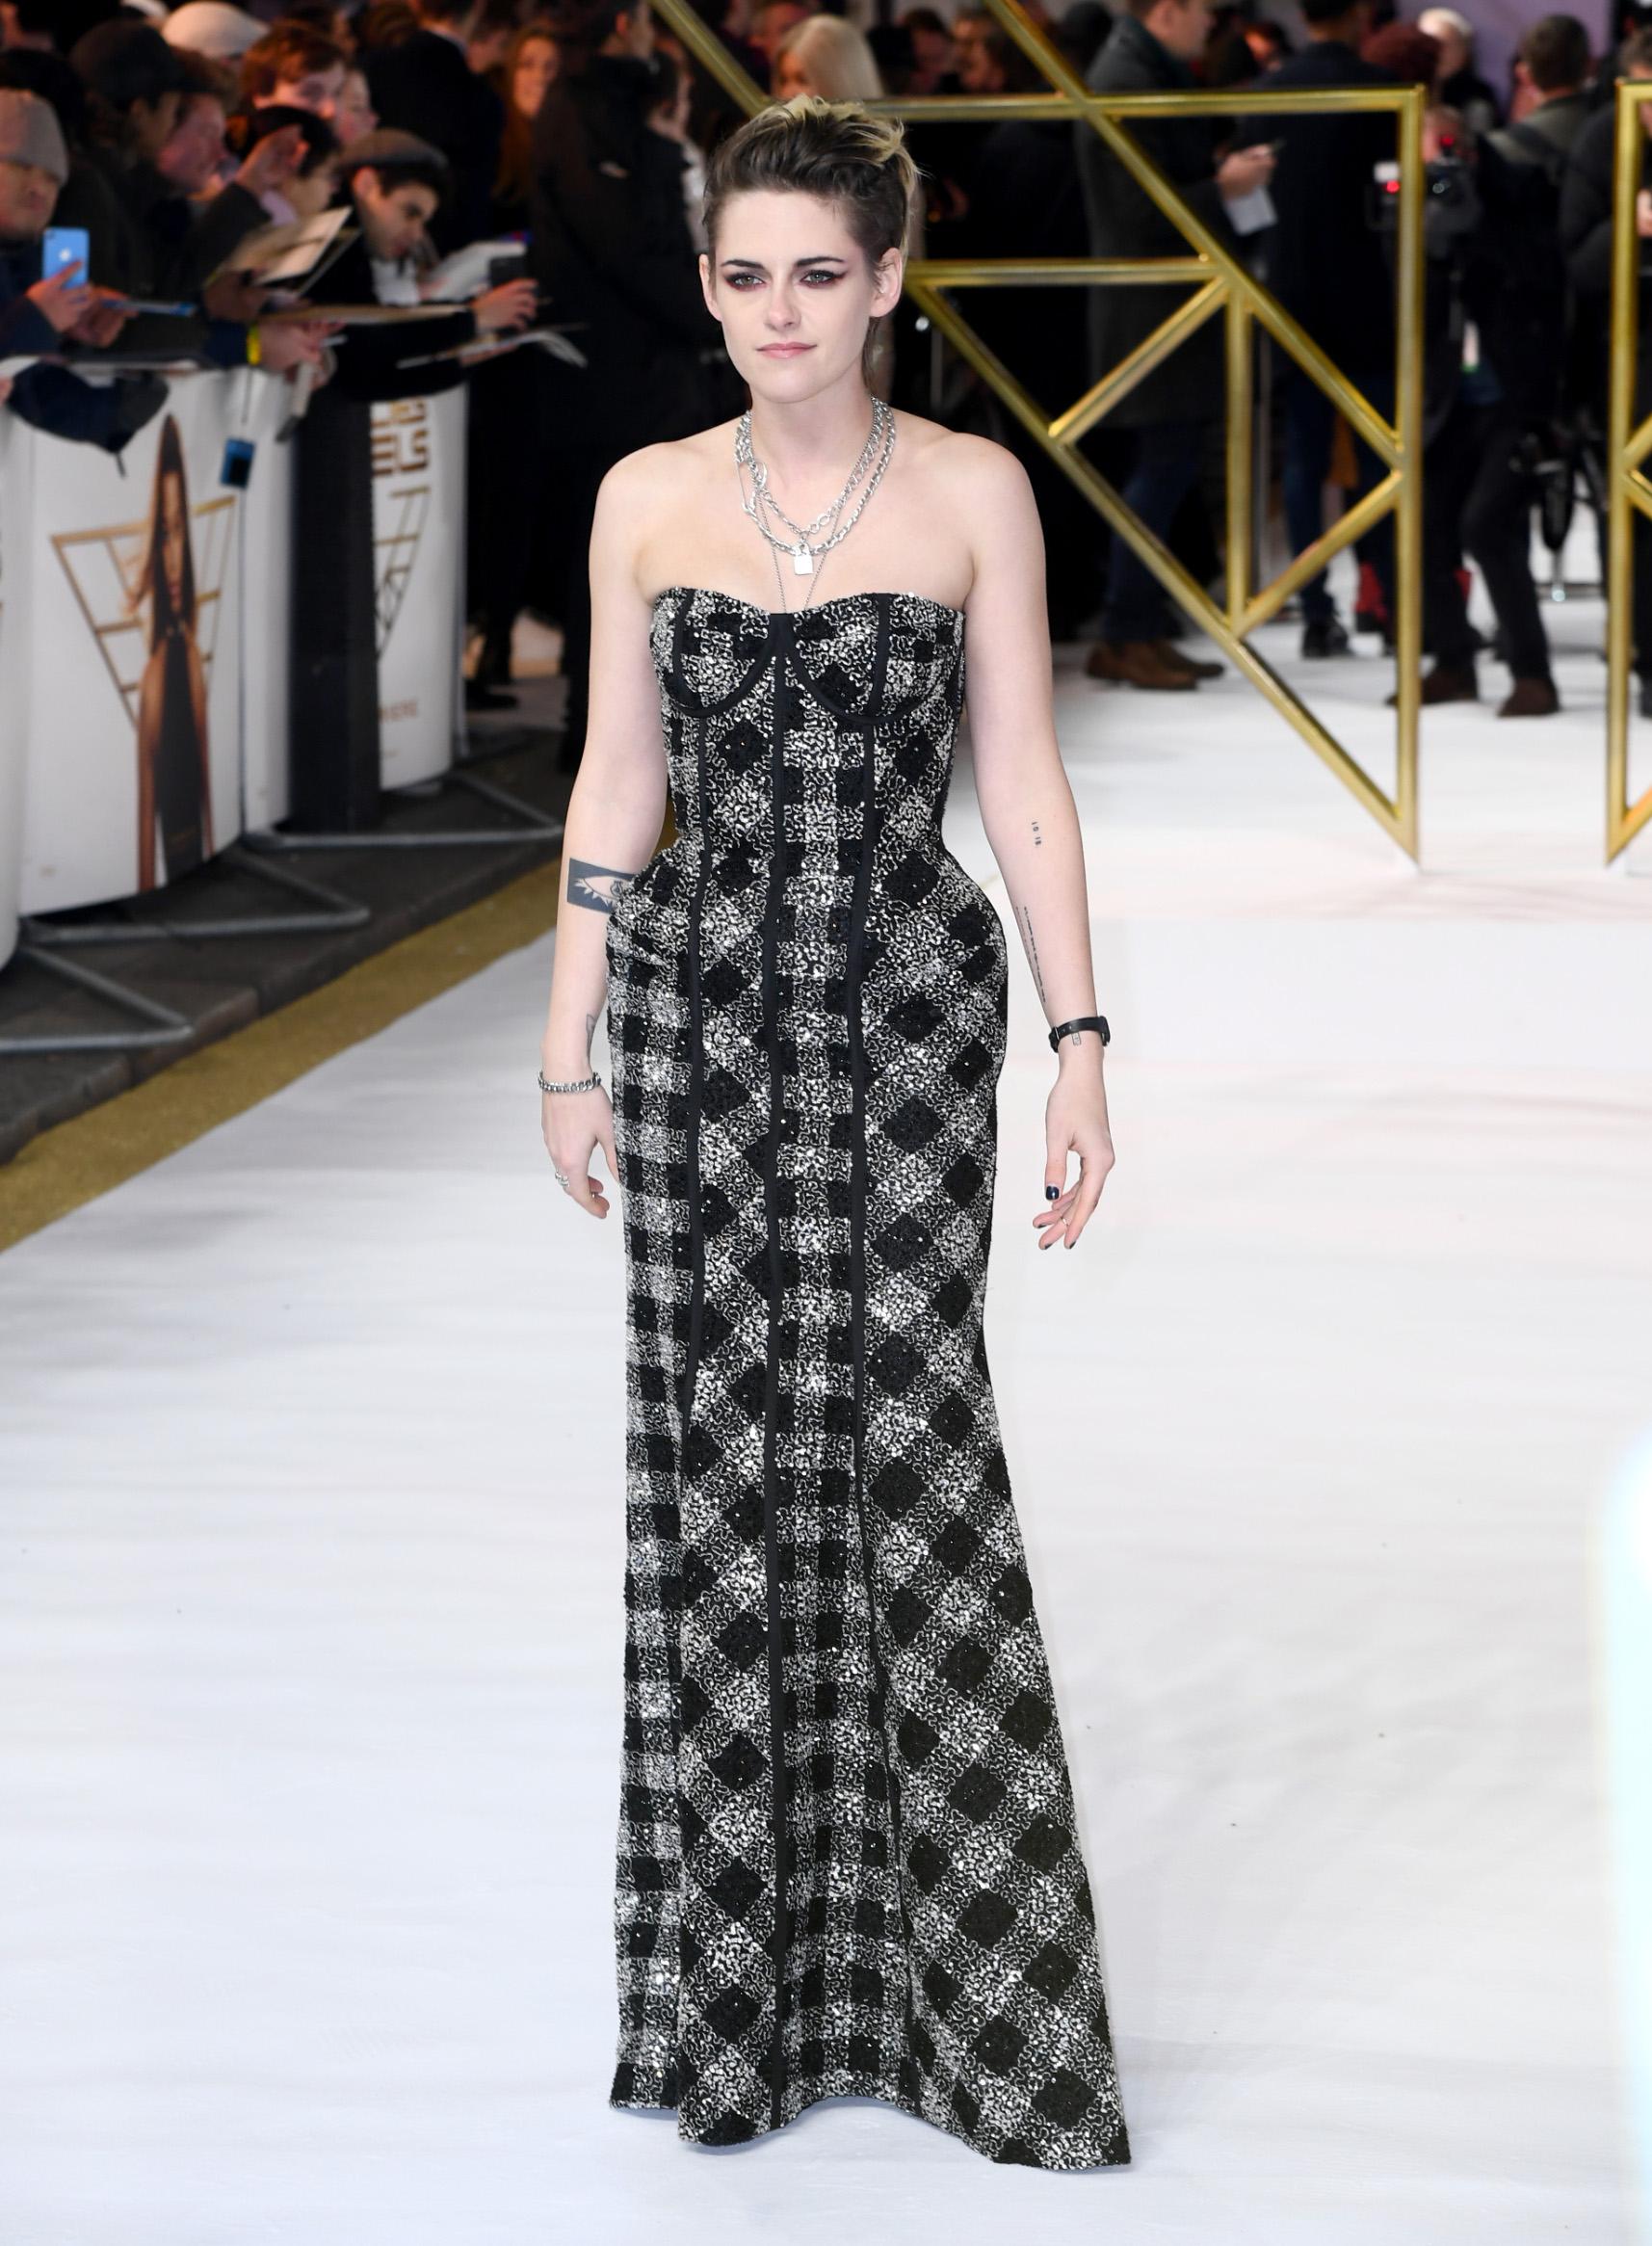 LONDON, ENGLAND - NOVEMBER 20:  Kristen Stewart attends the